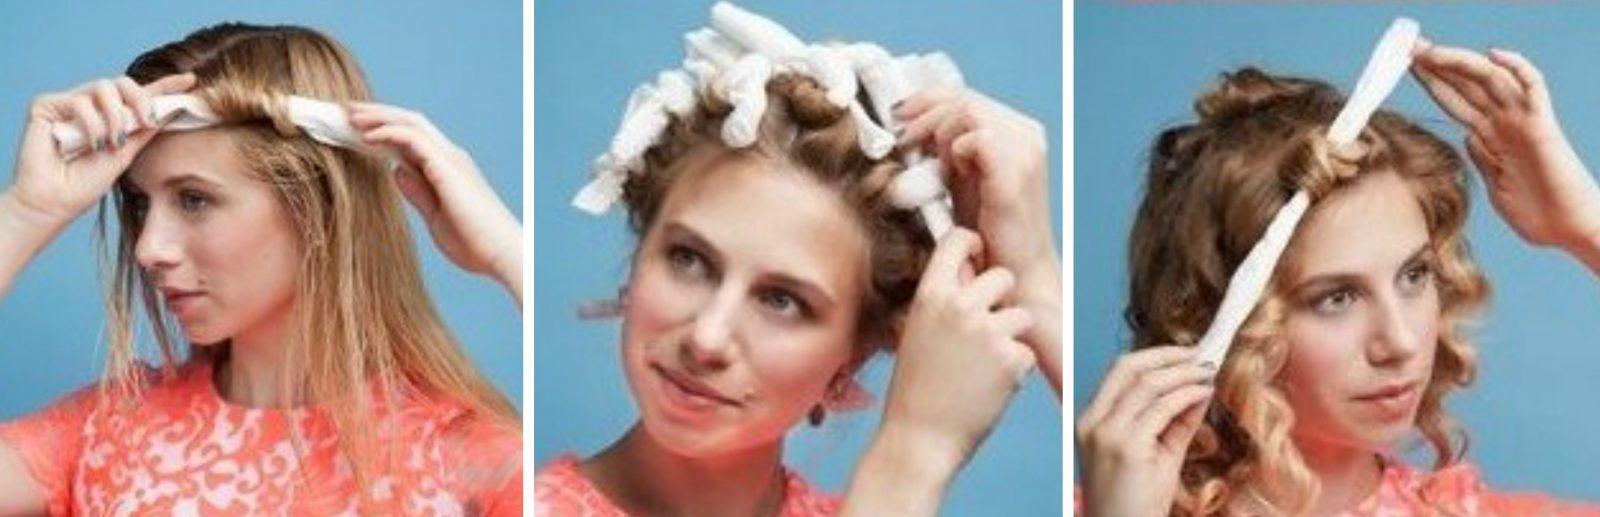 Как сделать кудри на длинные волосы в домашних условиях без плойки